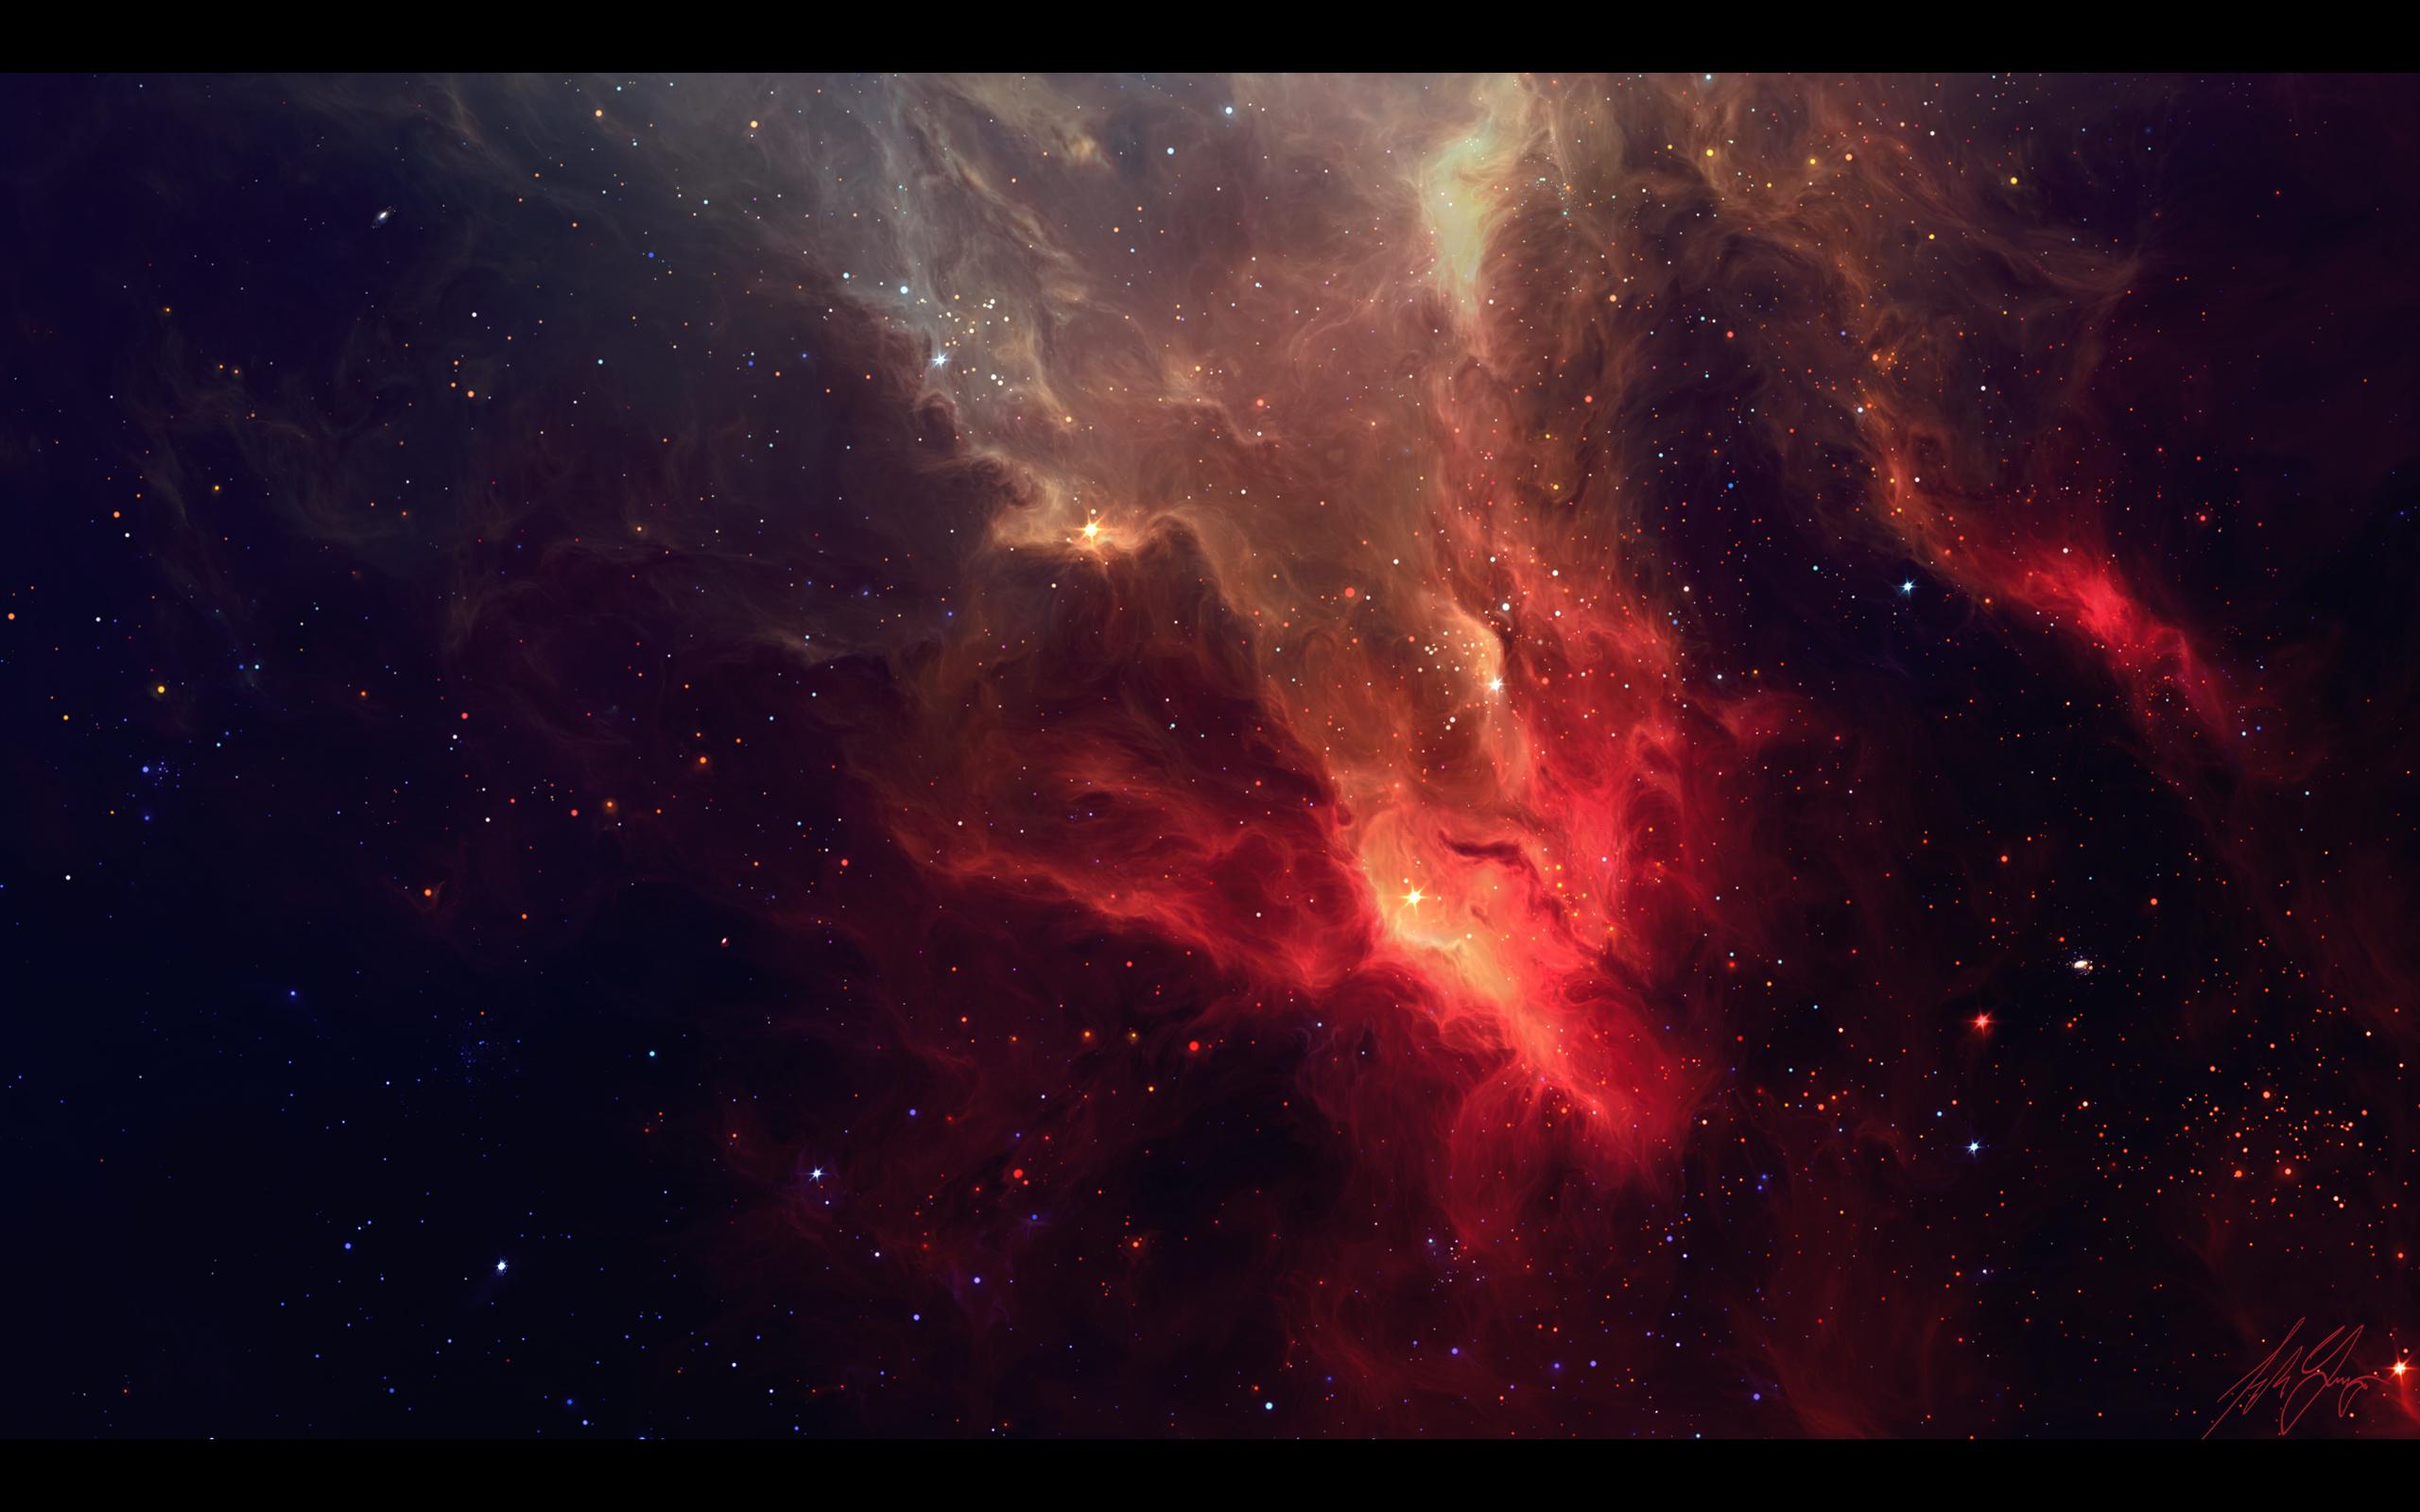 galaxy tumblr - HD1920×1080